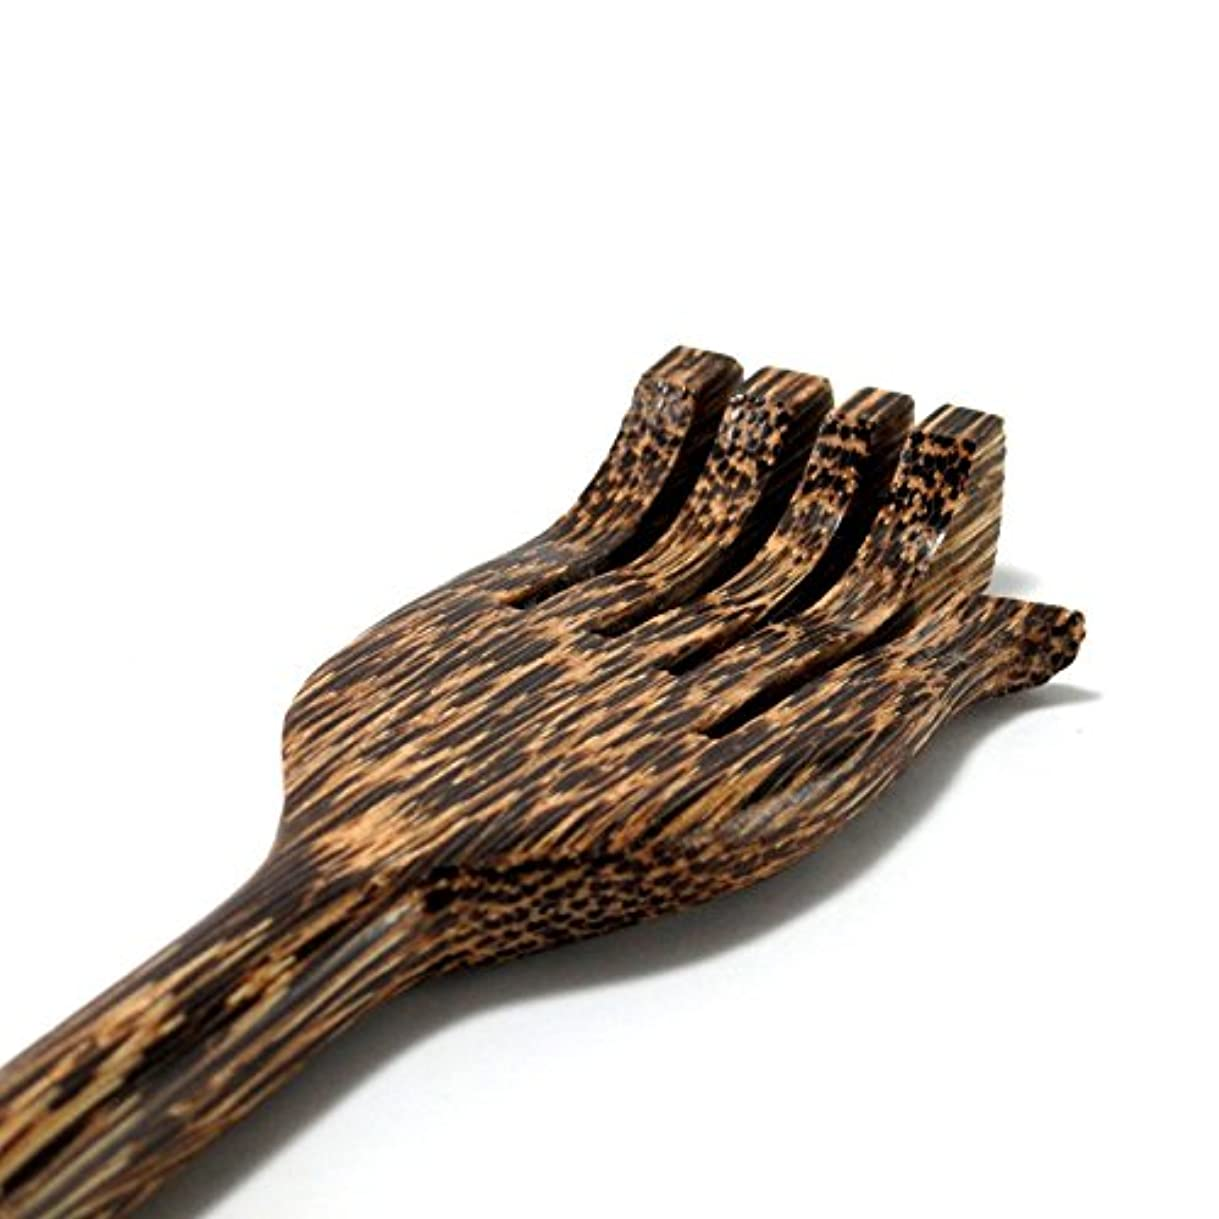 精査するシルエット秋MARUKOA - バックスクラッチャー 新しいパームウッド手作りスティック タイボディマッサージ木製ギフト